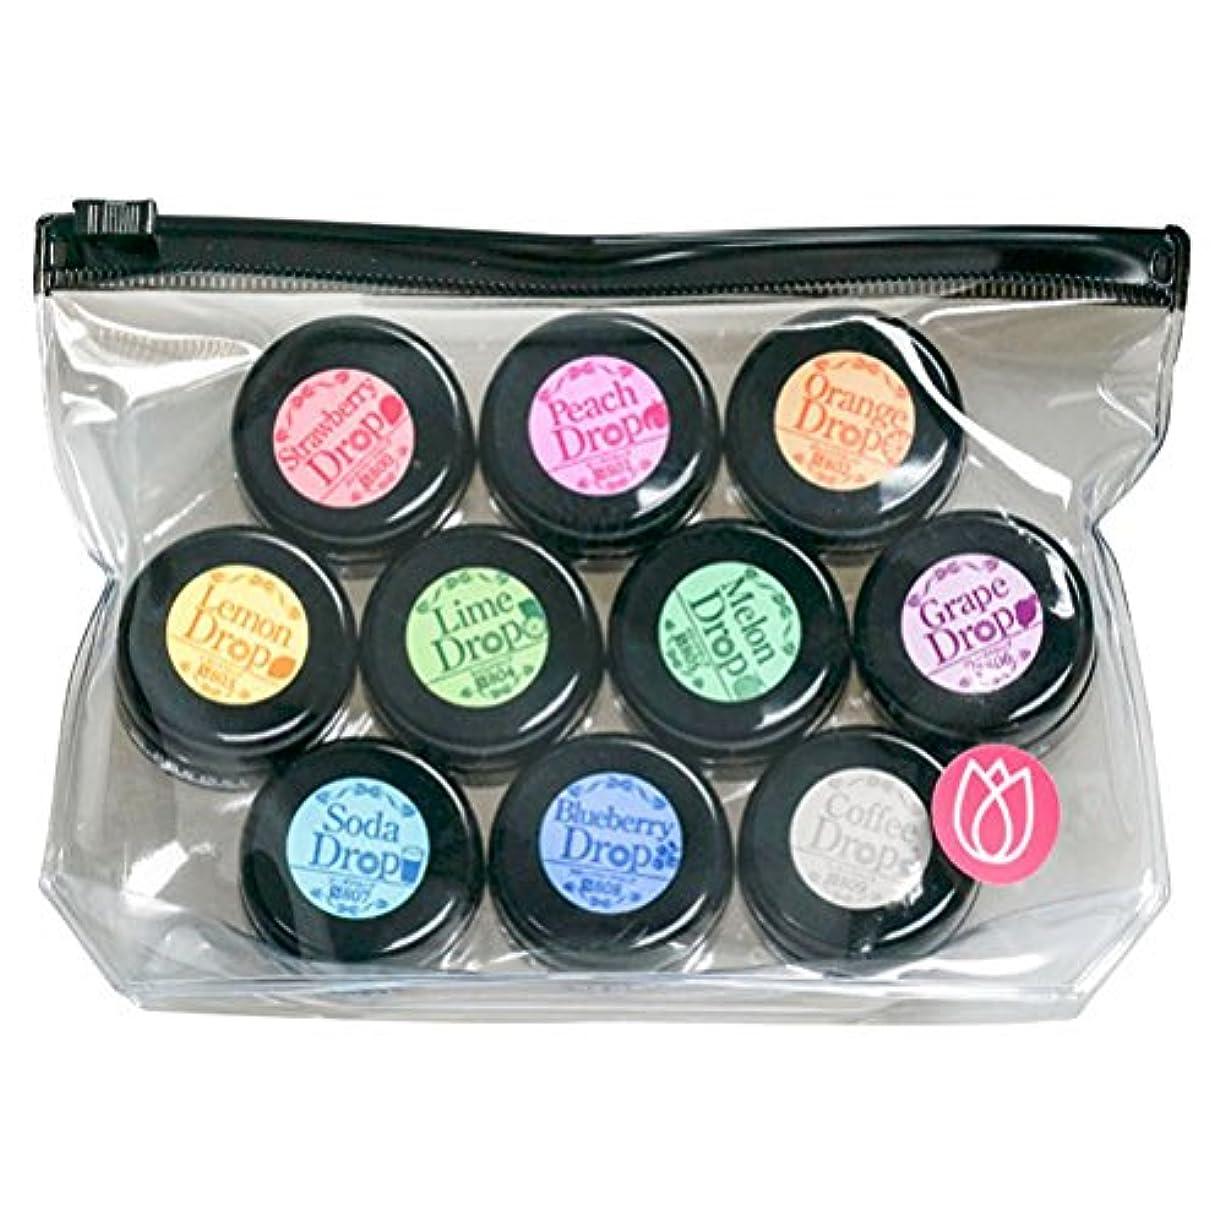 プリジェル ジェルネイル スーパーカラーEXドロップシリーズ10色セット UV/LED対応 3g×10色